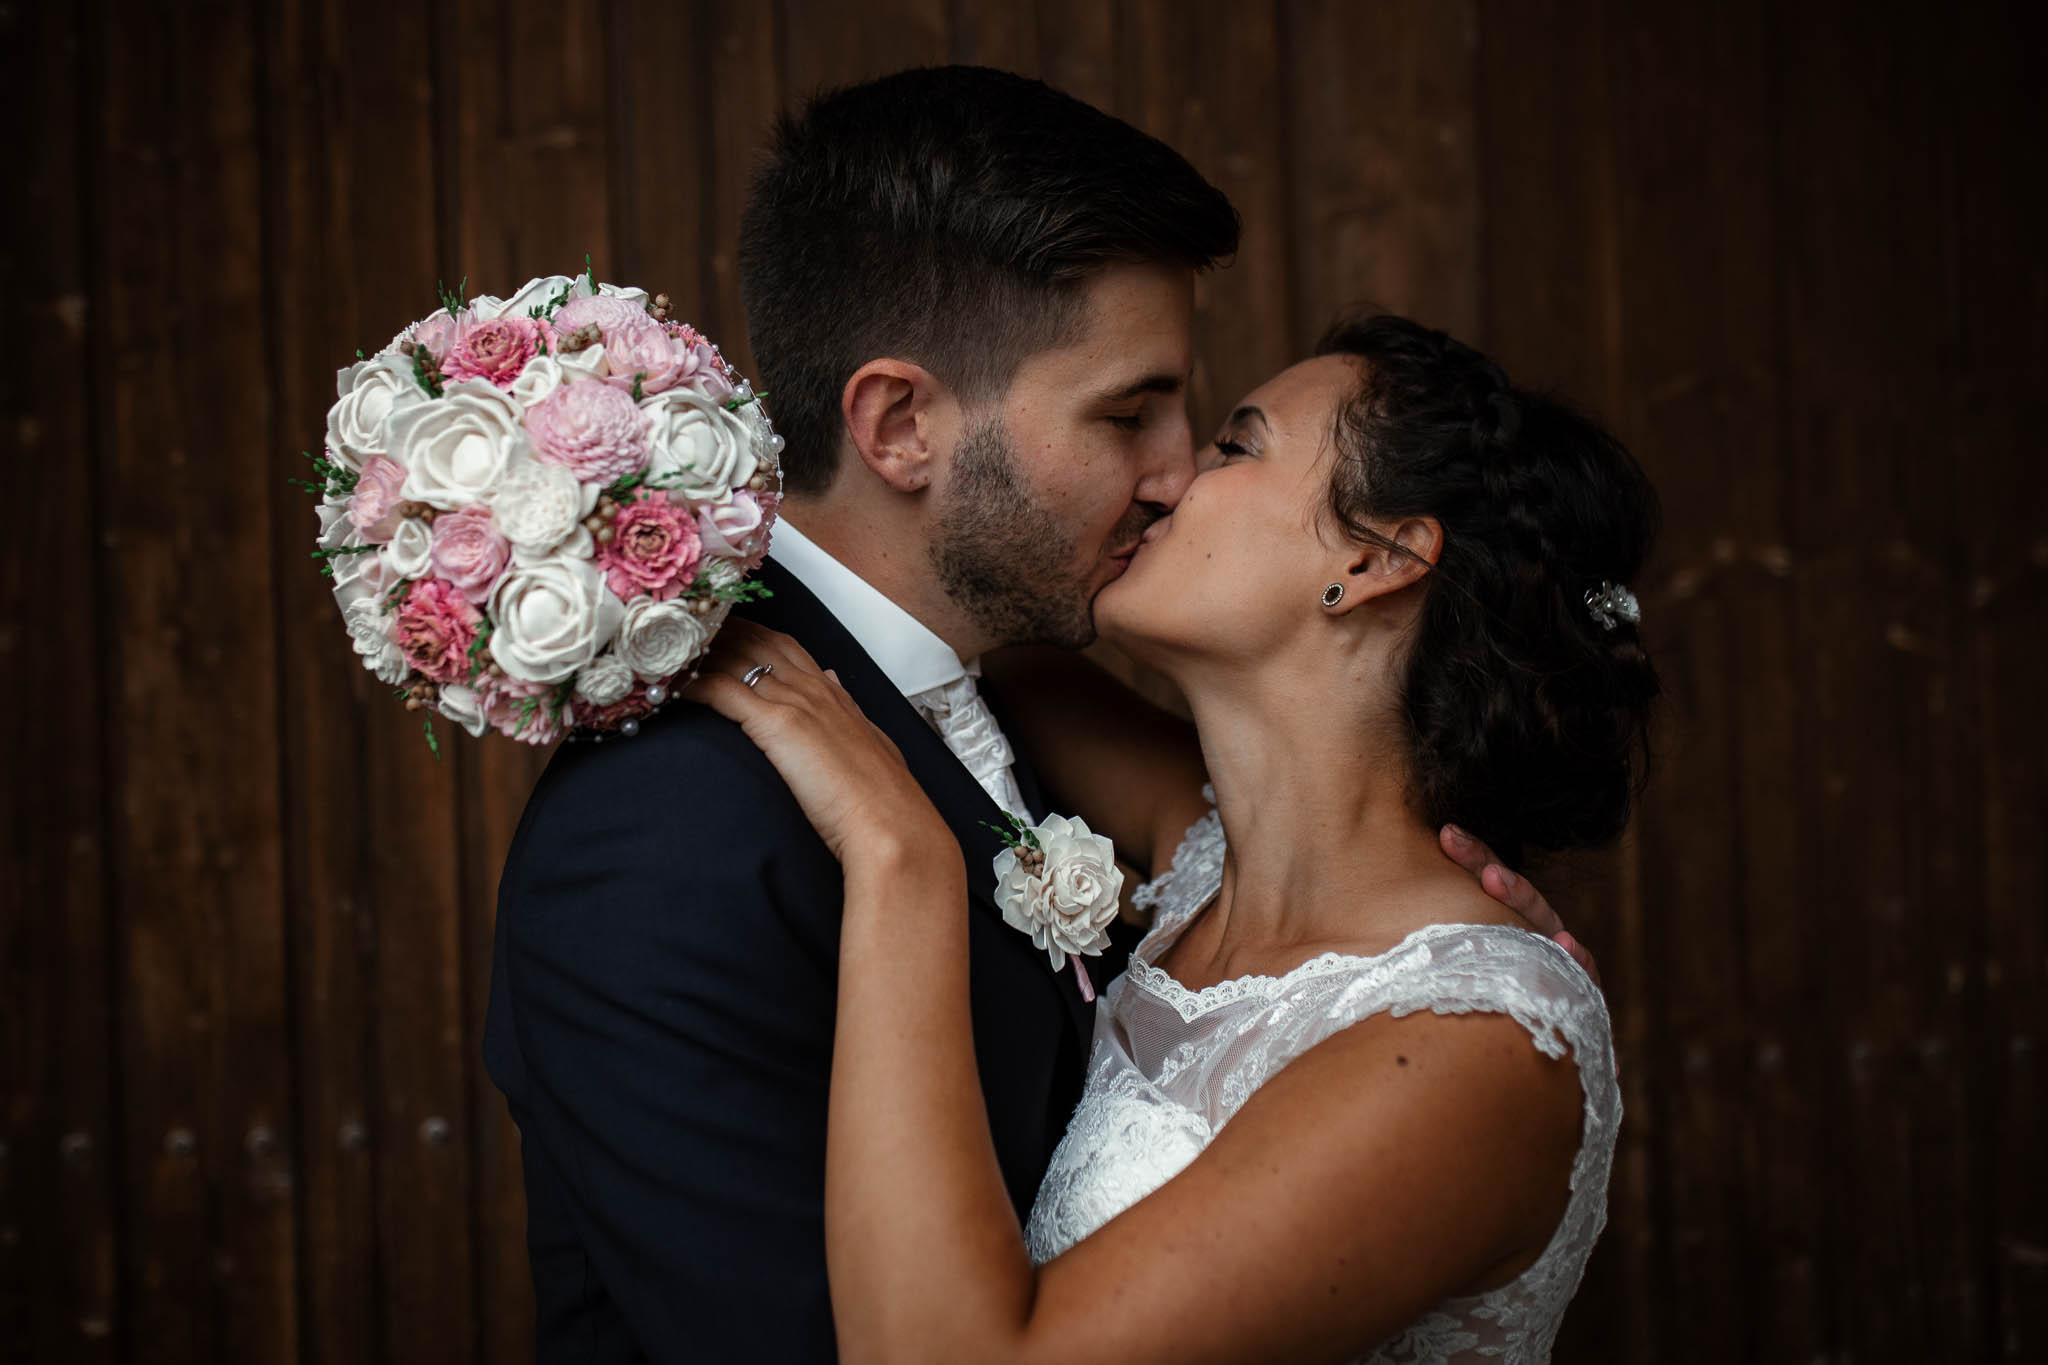 Hochzeitsfotograf Monzernheim: freie Trauung von Sarah & Patrick 43